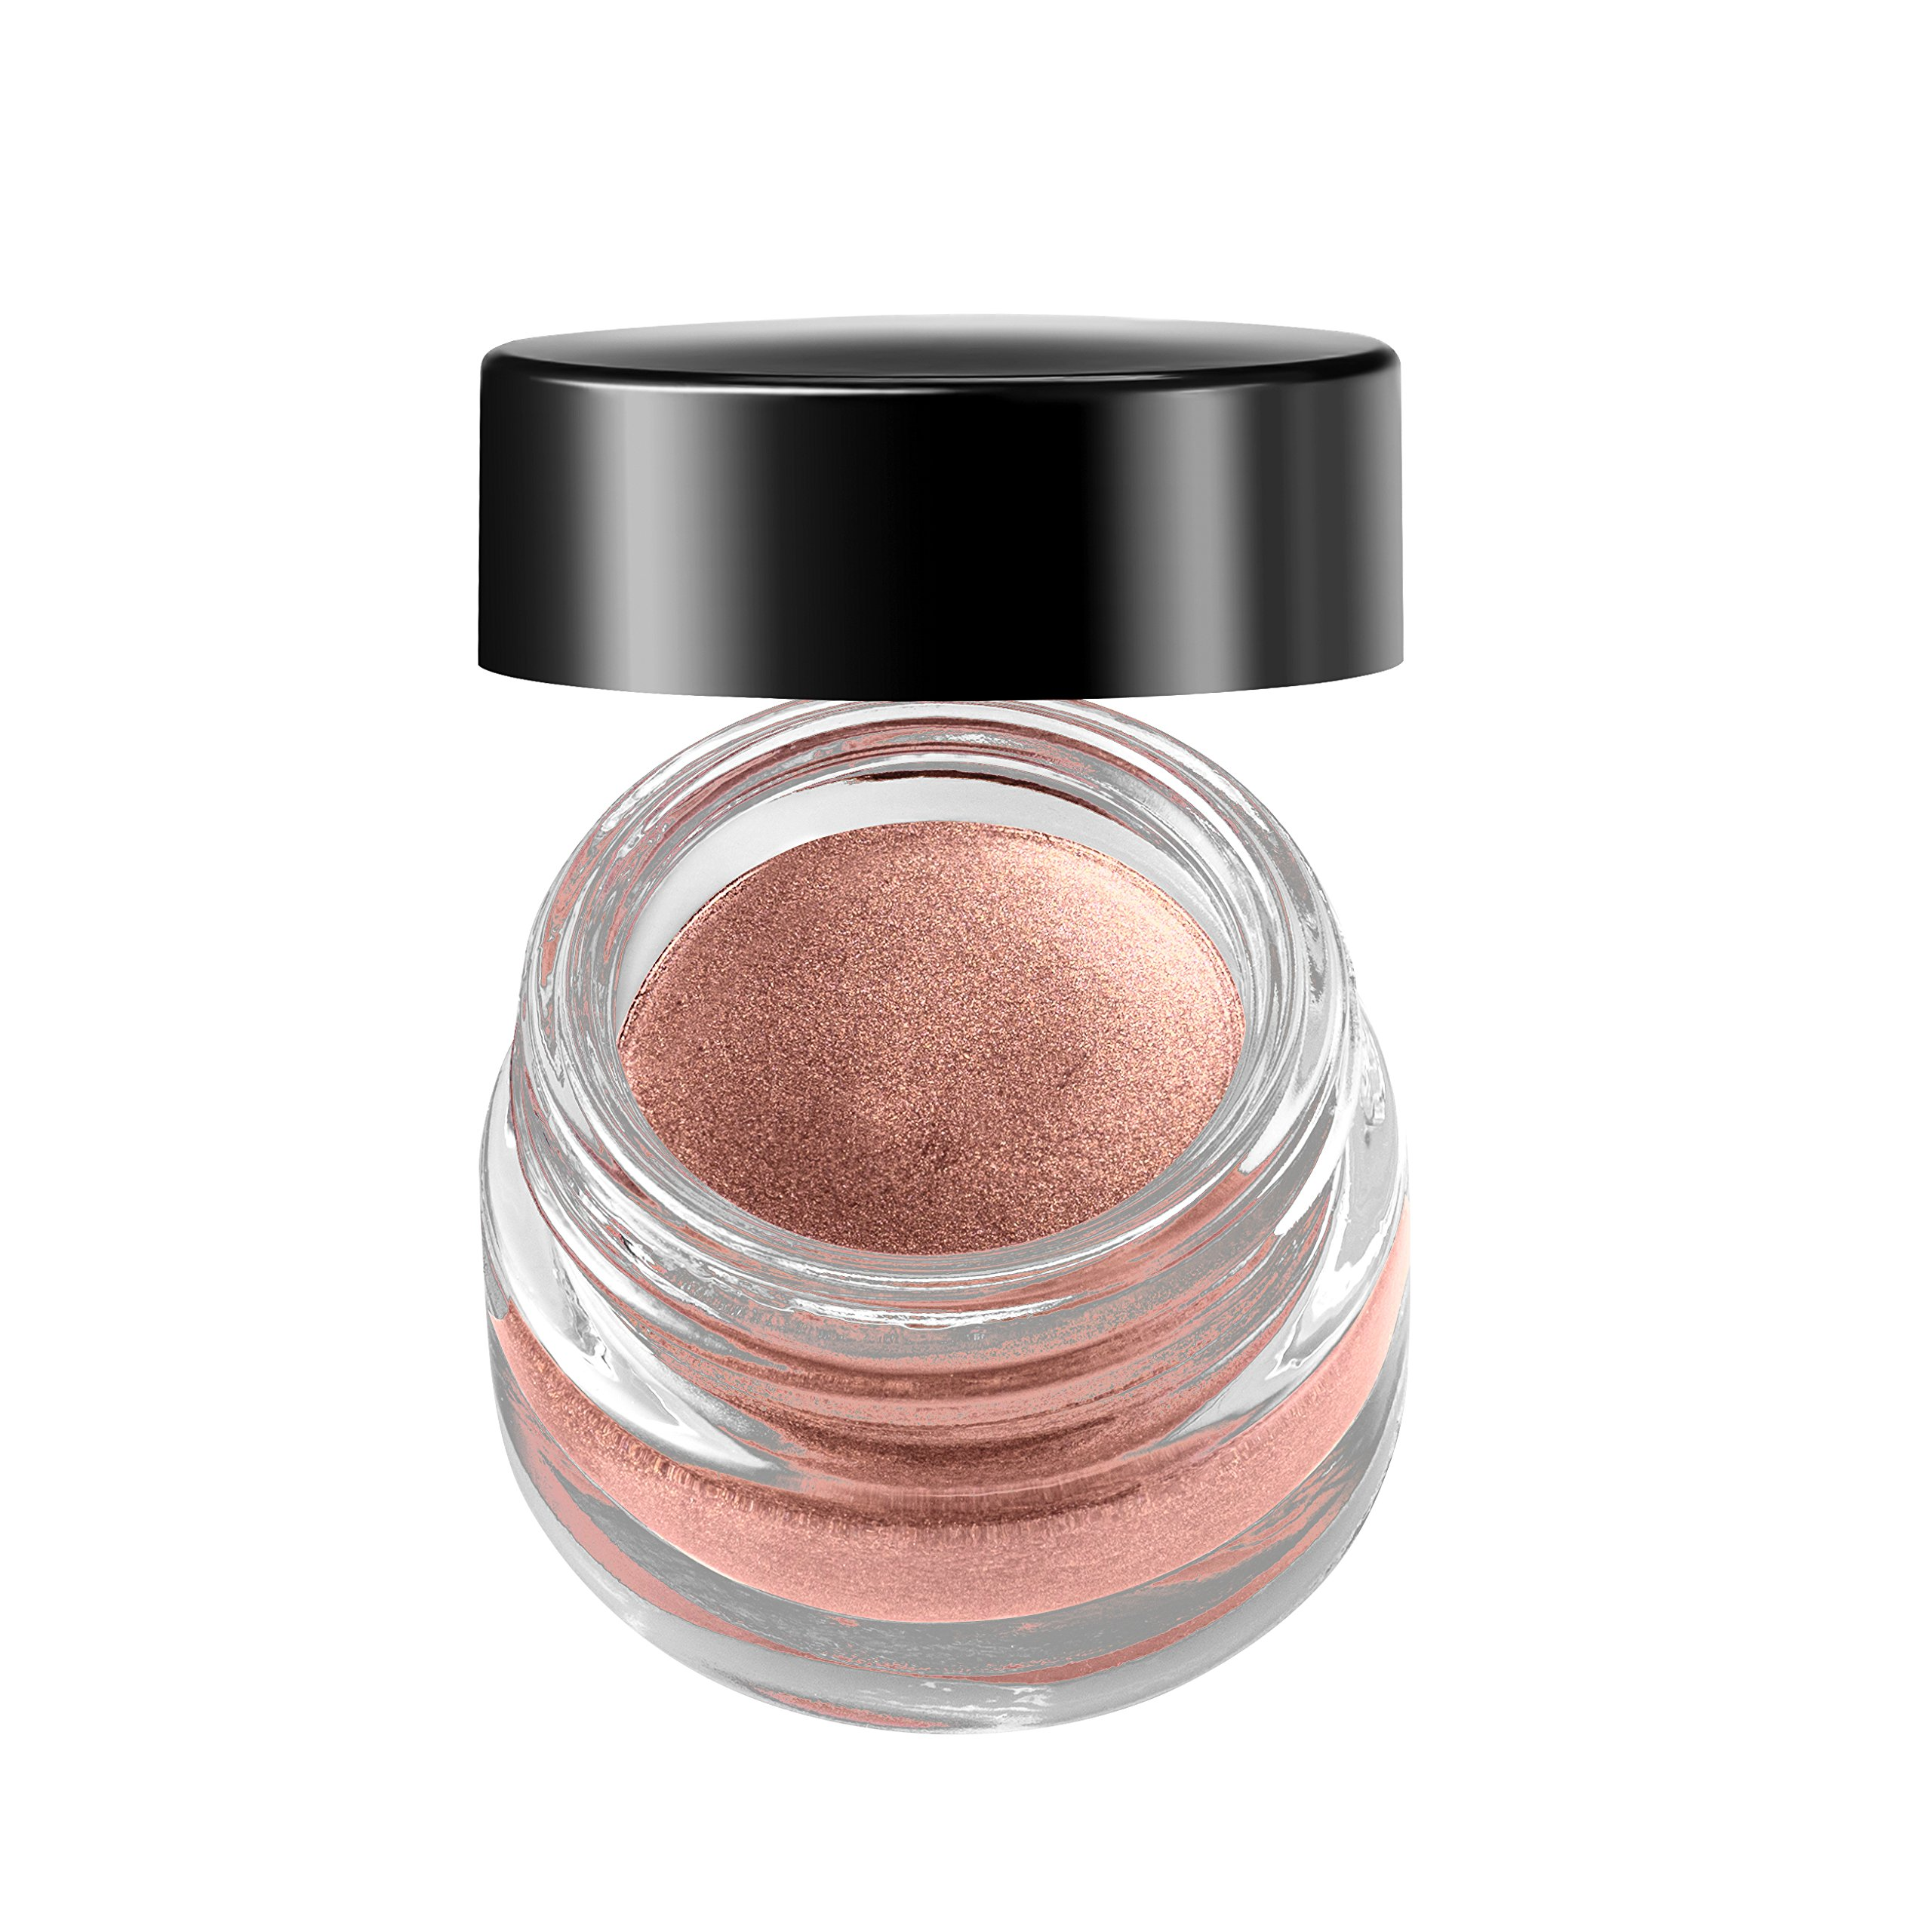 Jolie Waterproof Indelible Creme Eye Shadow 3g (Nude Rose)